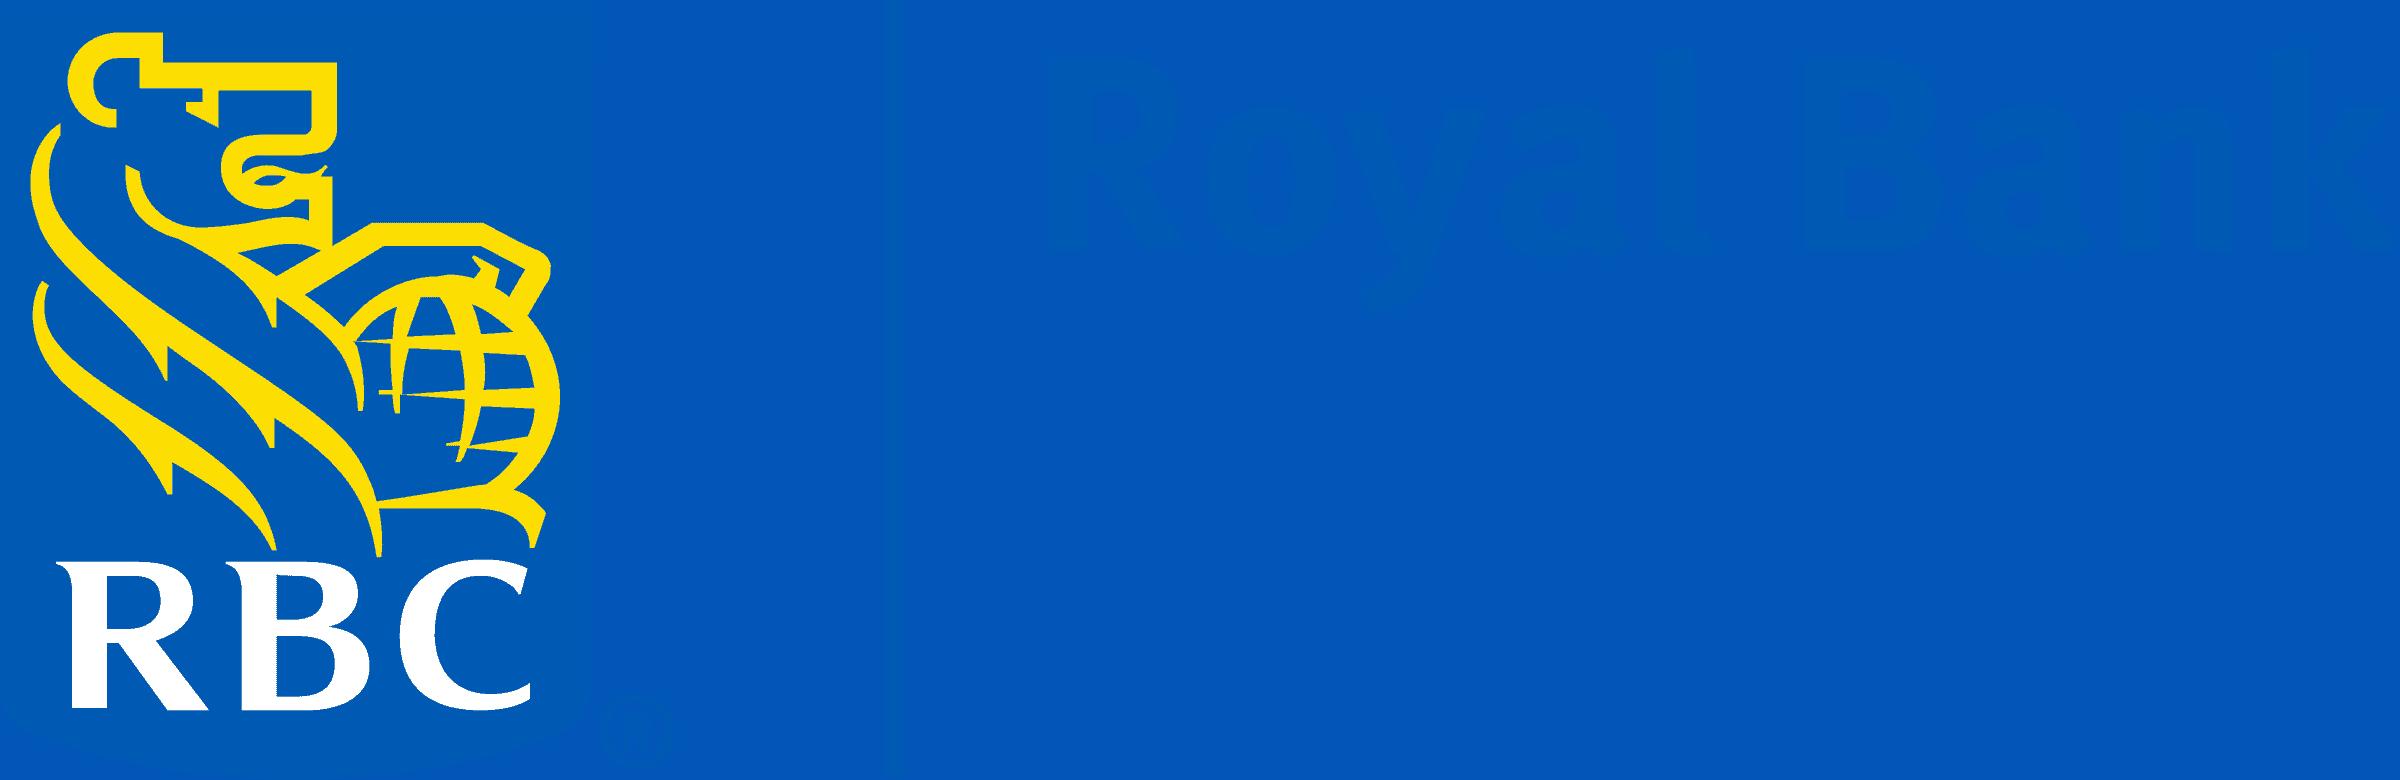 Bank Logo 3